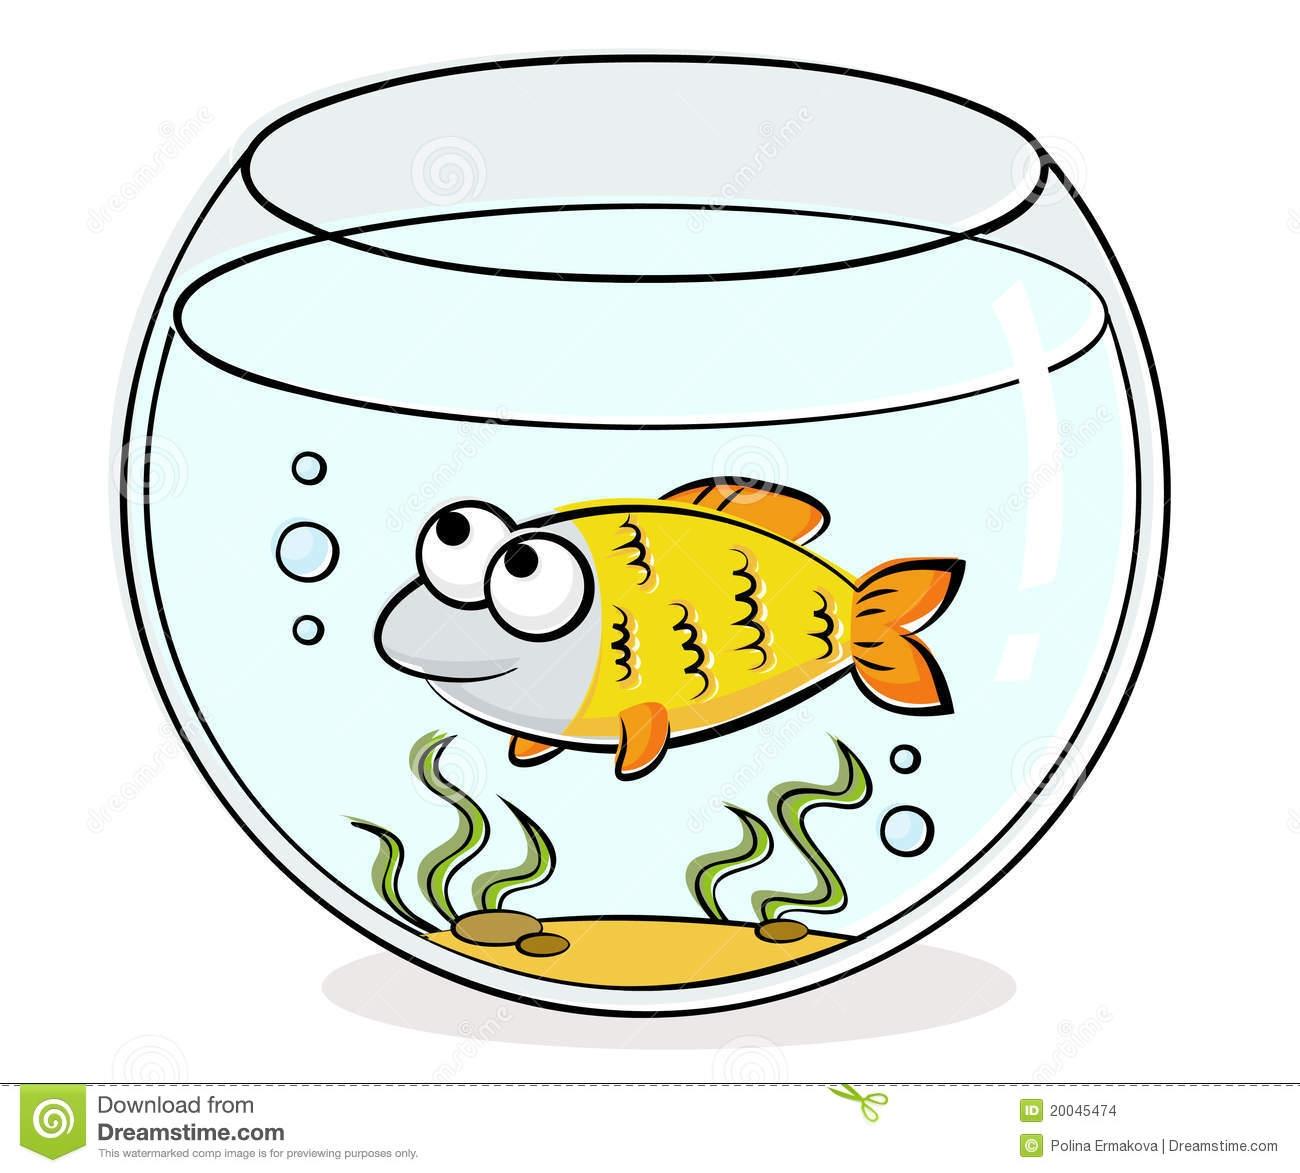 Aquarium fish images clipart jpg download Fish bowl cartoon images New Aquarium fish clipart Clipground ... jpg download